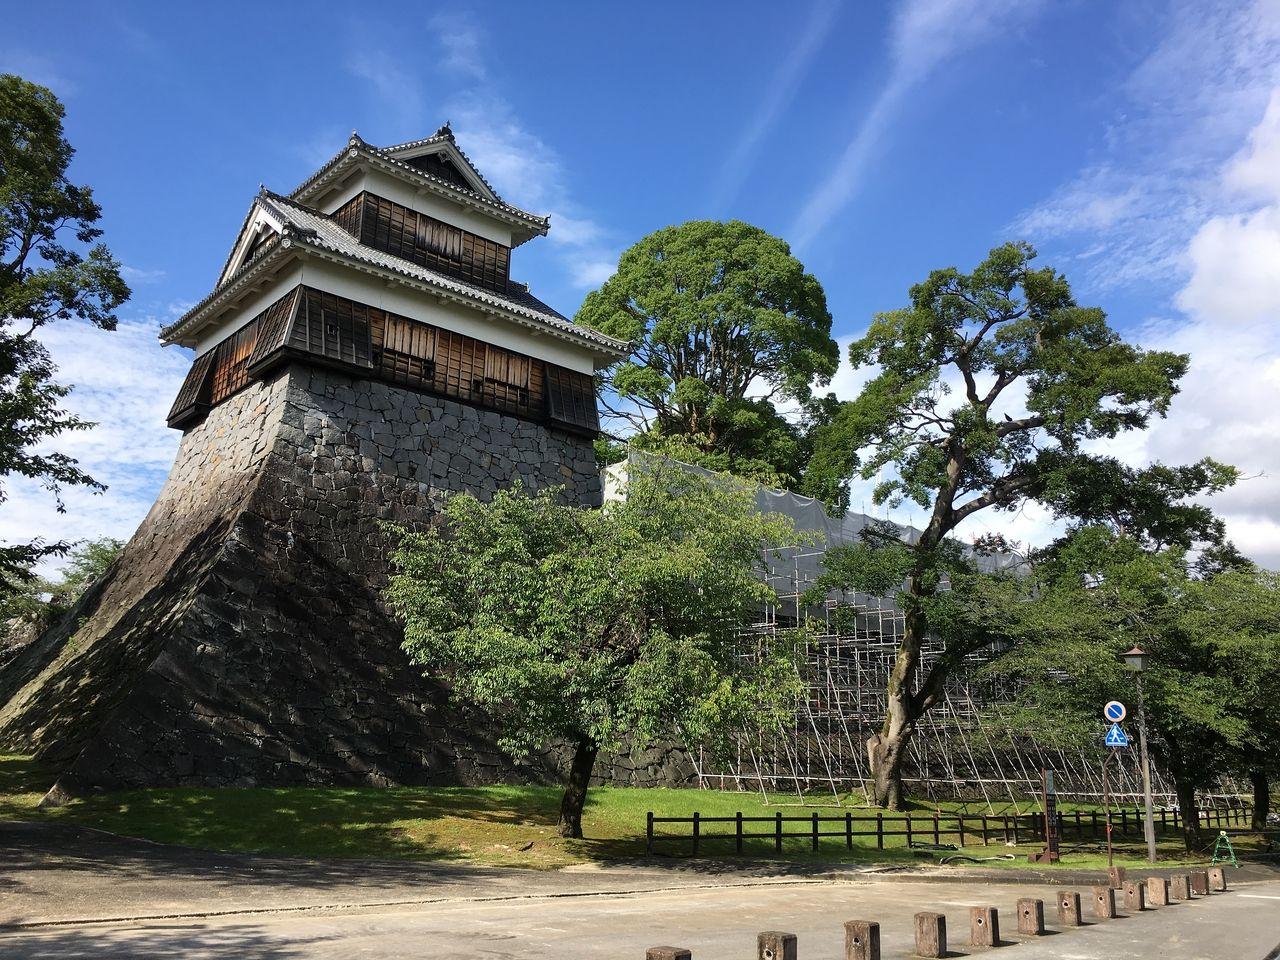 未申櫓は西出丸の南西角にある三階櫓です。